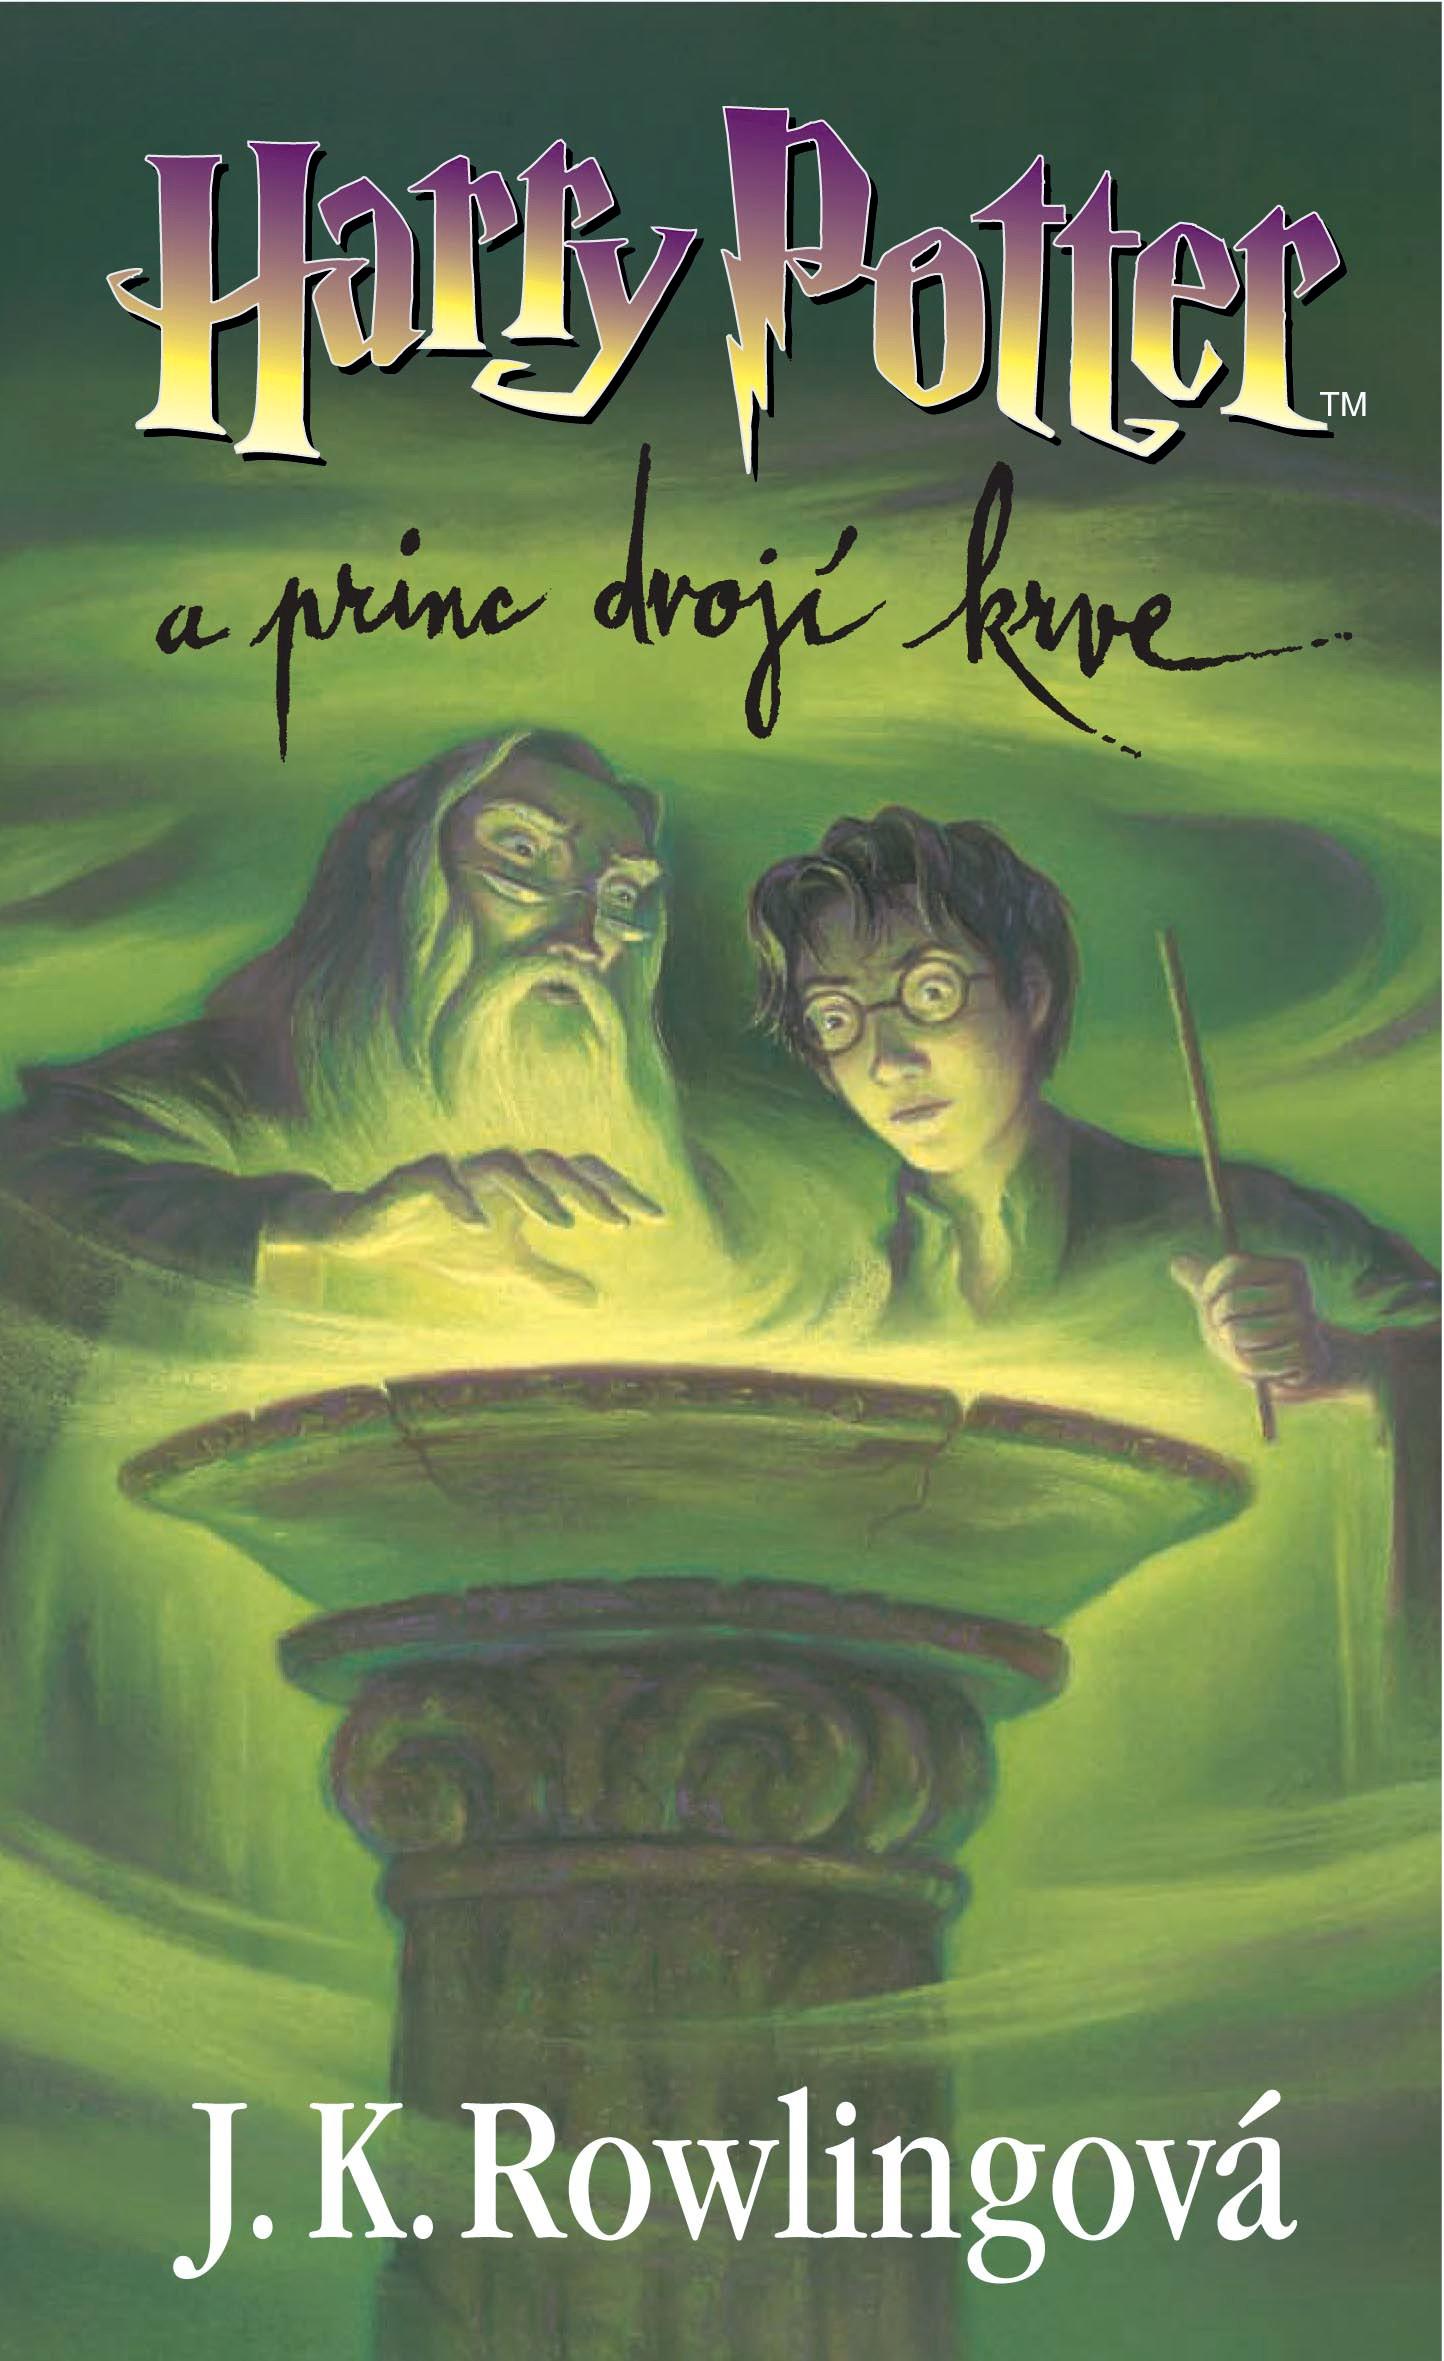 Harry Potter a princ dvojí krve | J. K. Rowlingová